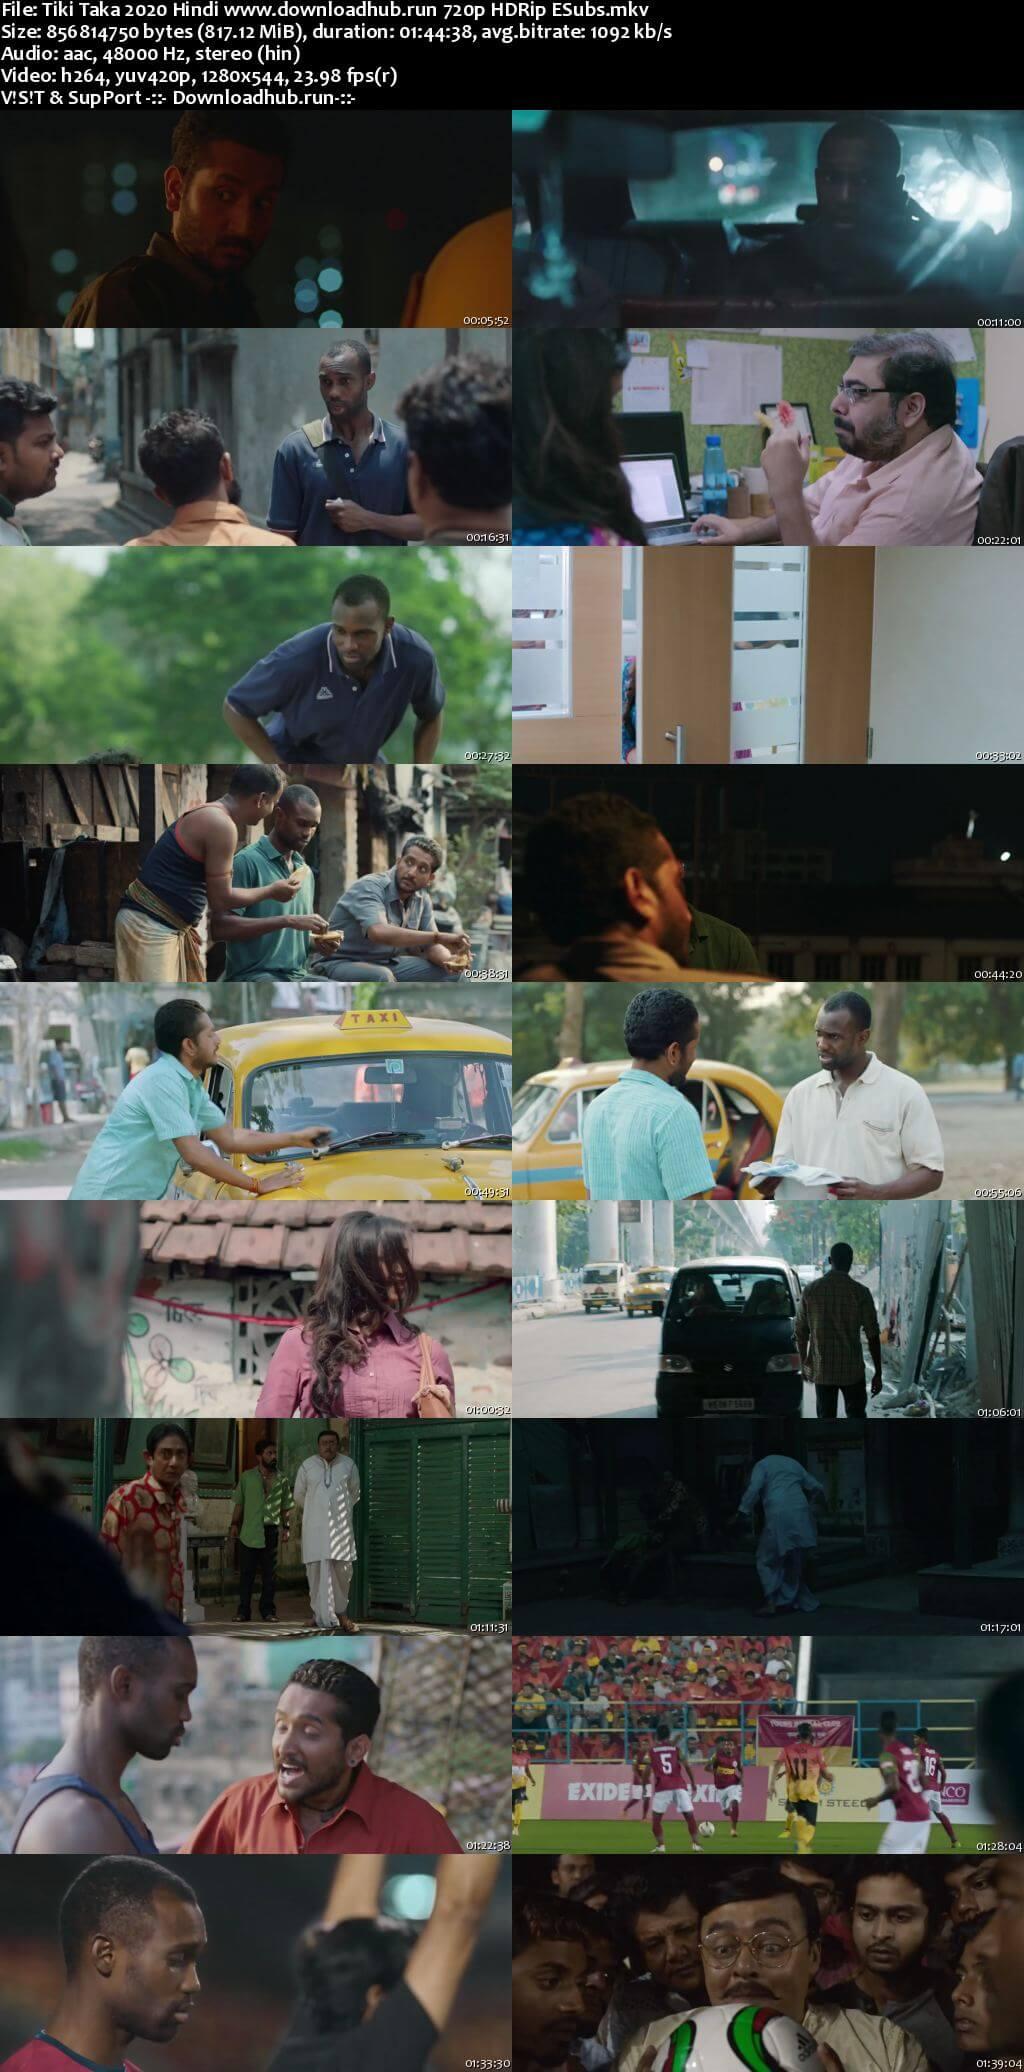 Tiki Taka 2020 Hindi 720p HDRip ESubs